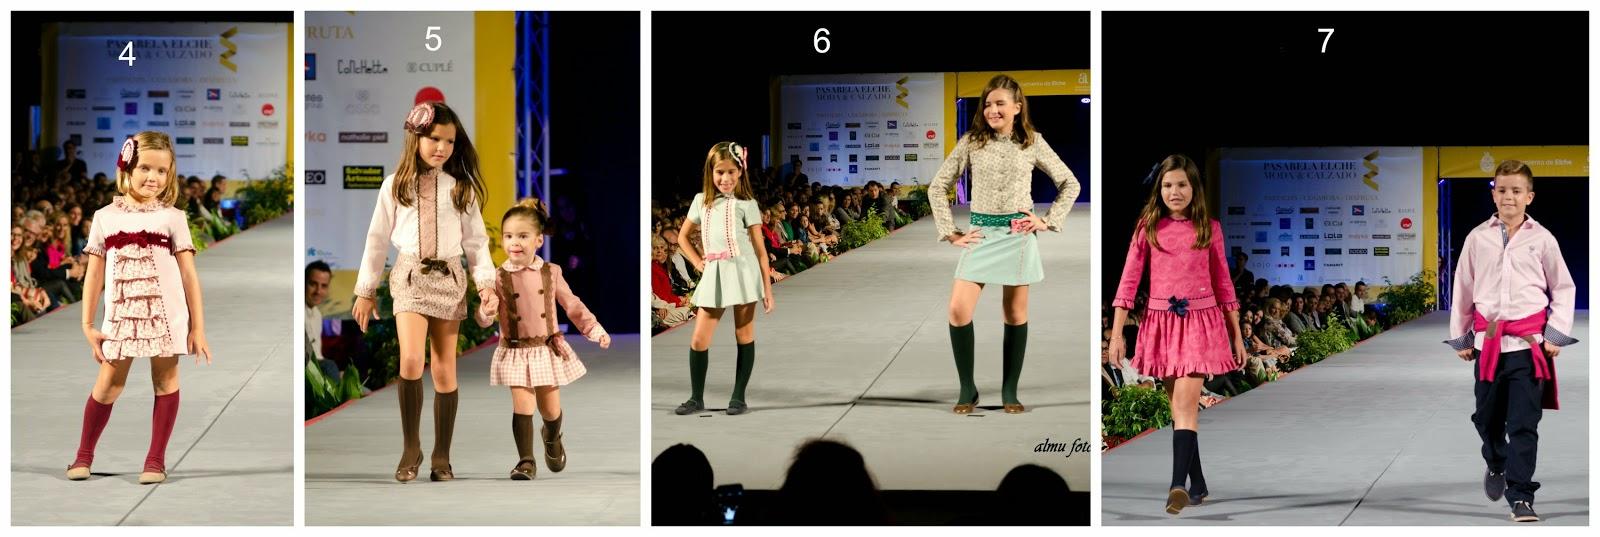 So chic by Patricia_Pasarela Moda y Calzado de Elche